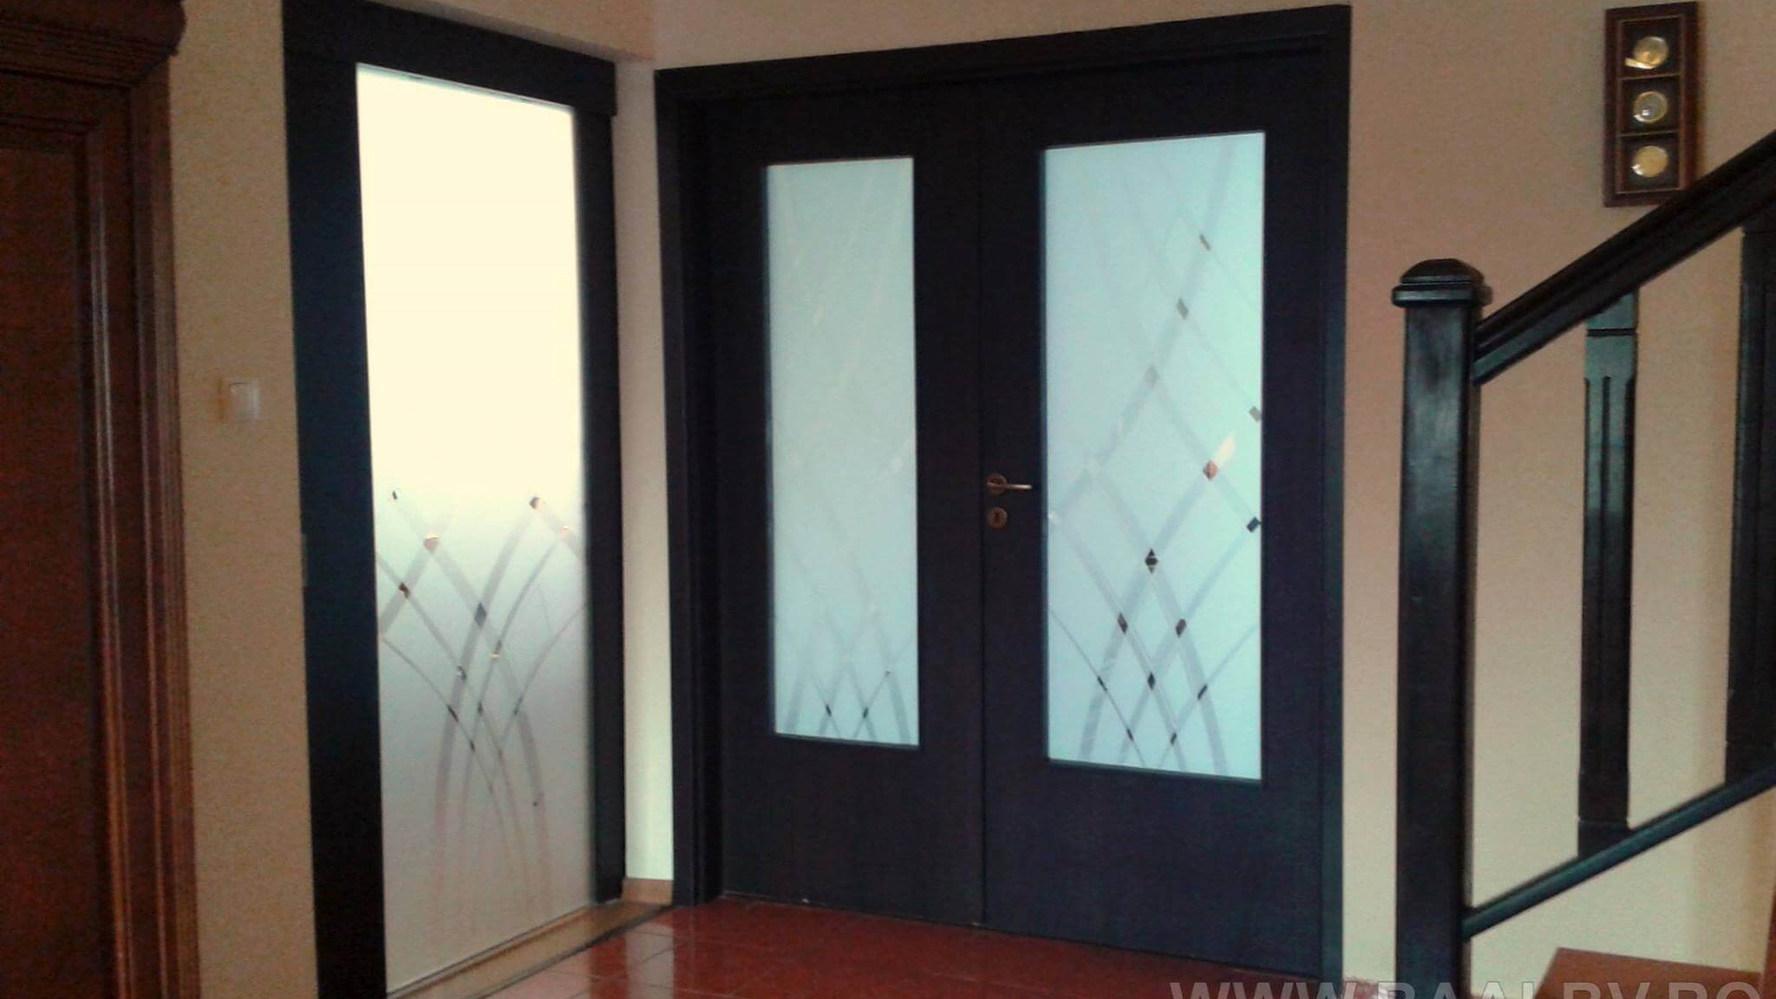 usa-dubla-din-lemn-interior-cu-sticla.jp